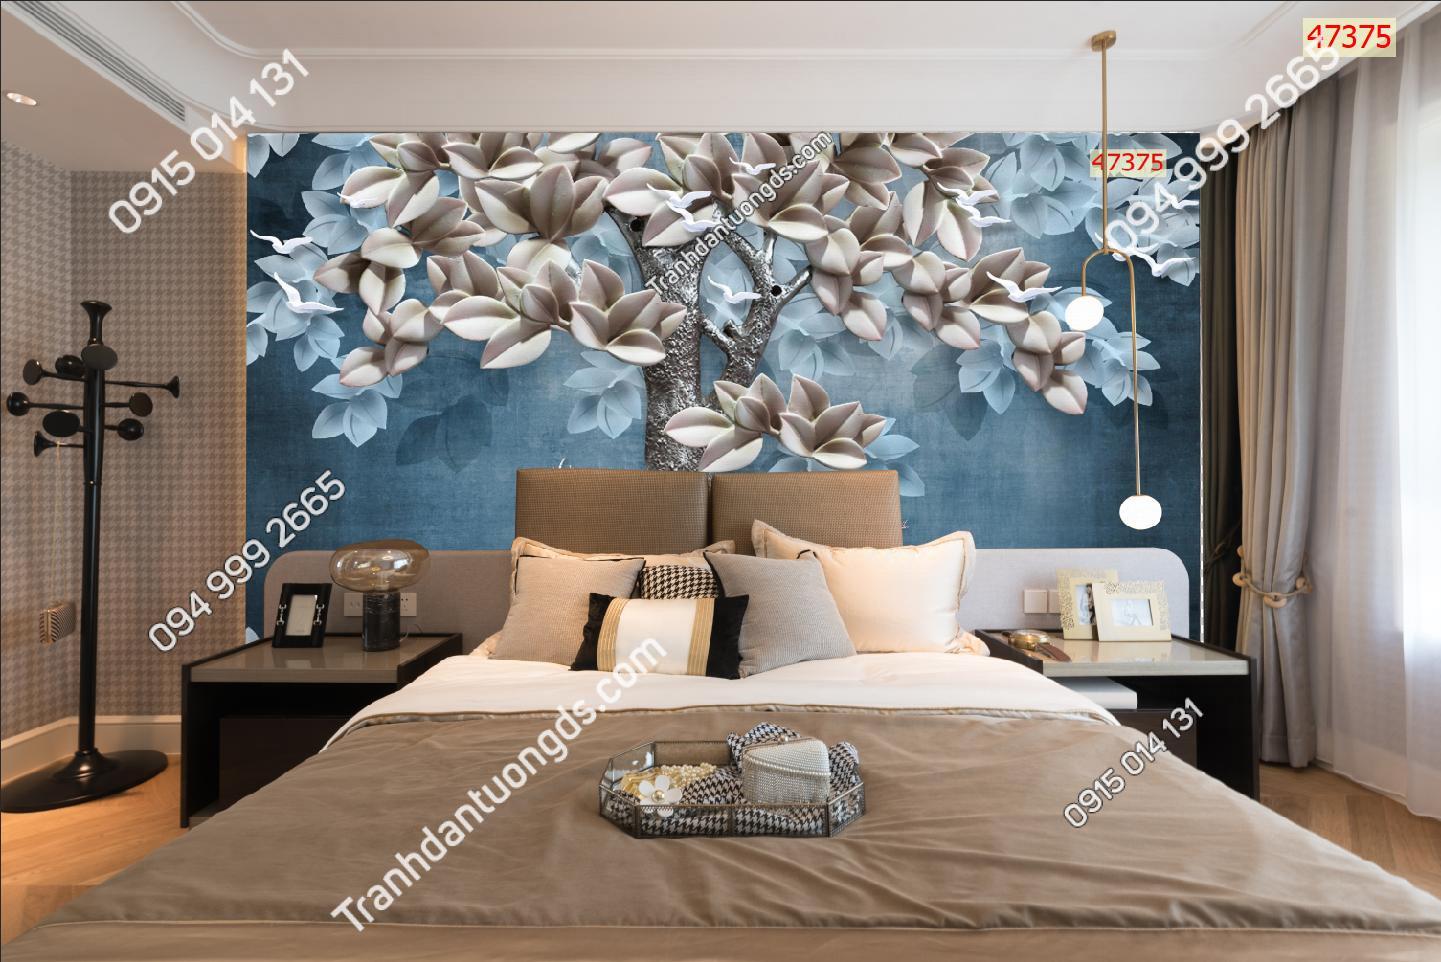 Tranh dán tường hươu phòng ngủ 47375-demo